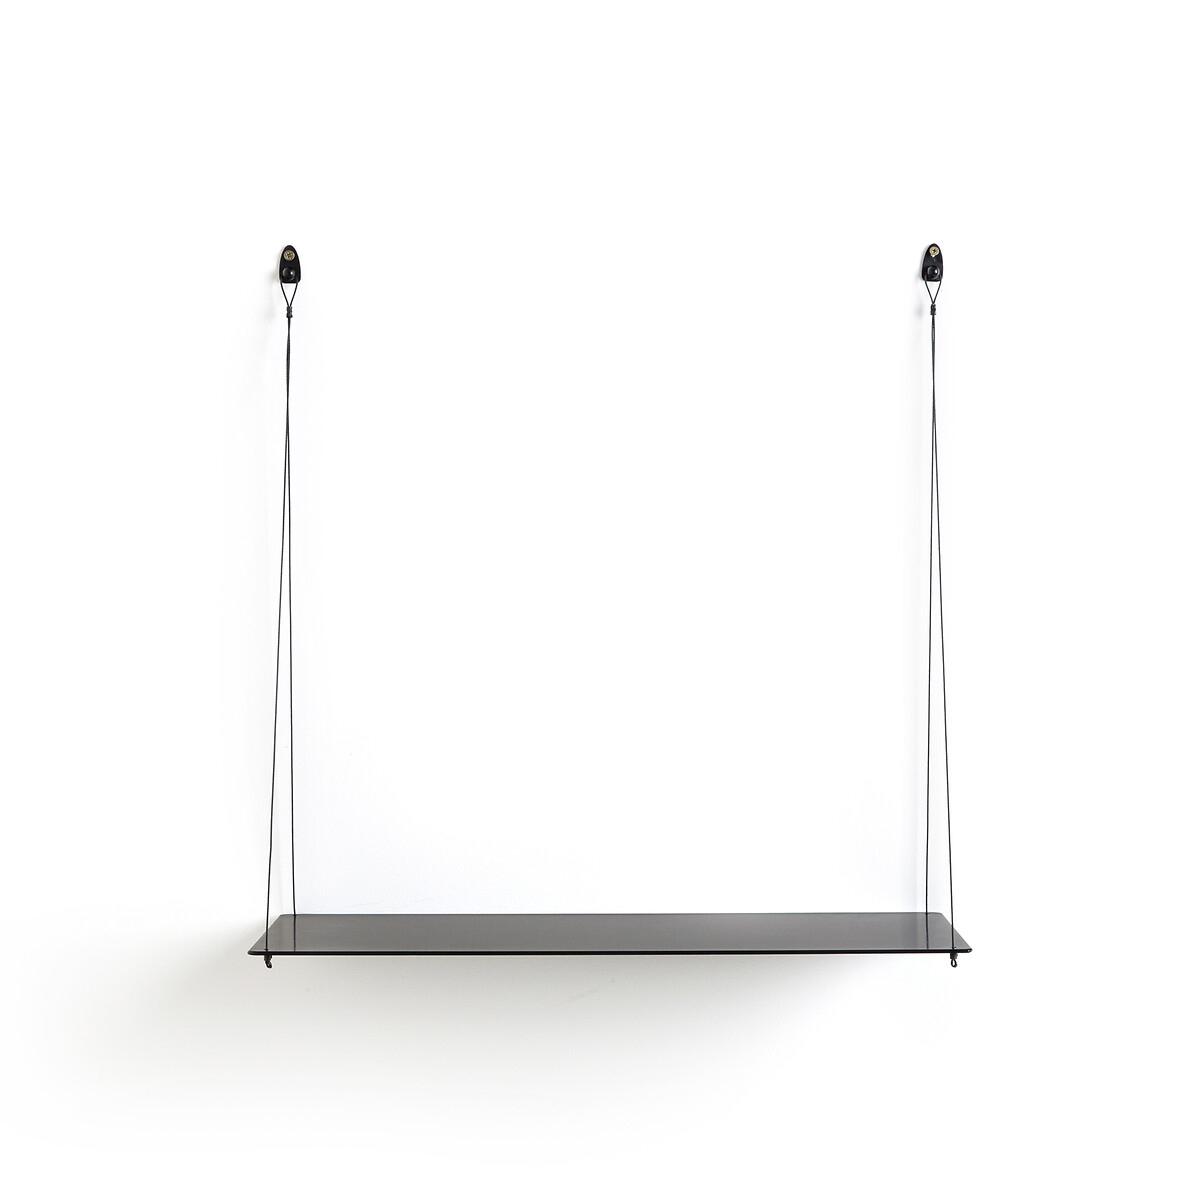 Полка La Redoute Из металла Spirollo единый размер черный этажерка la redoute с полками remia единый размер белый